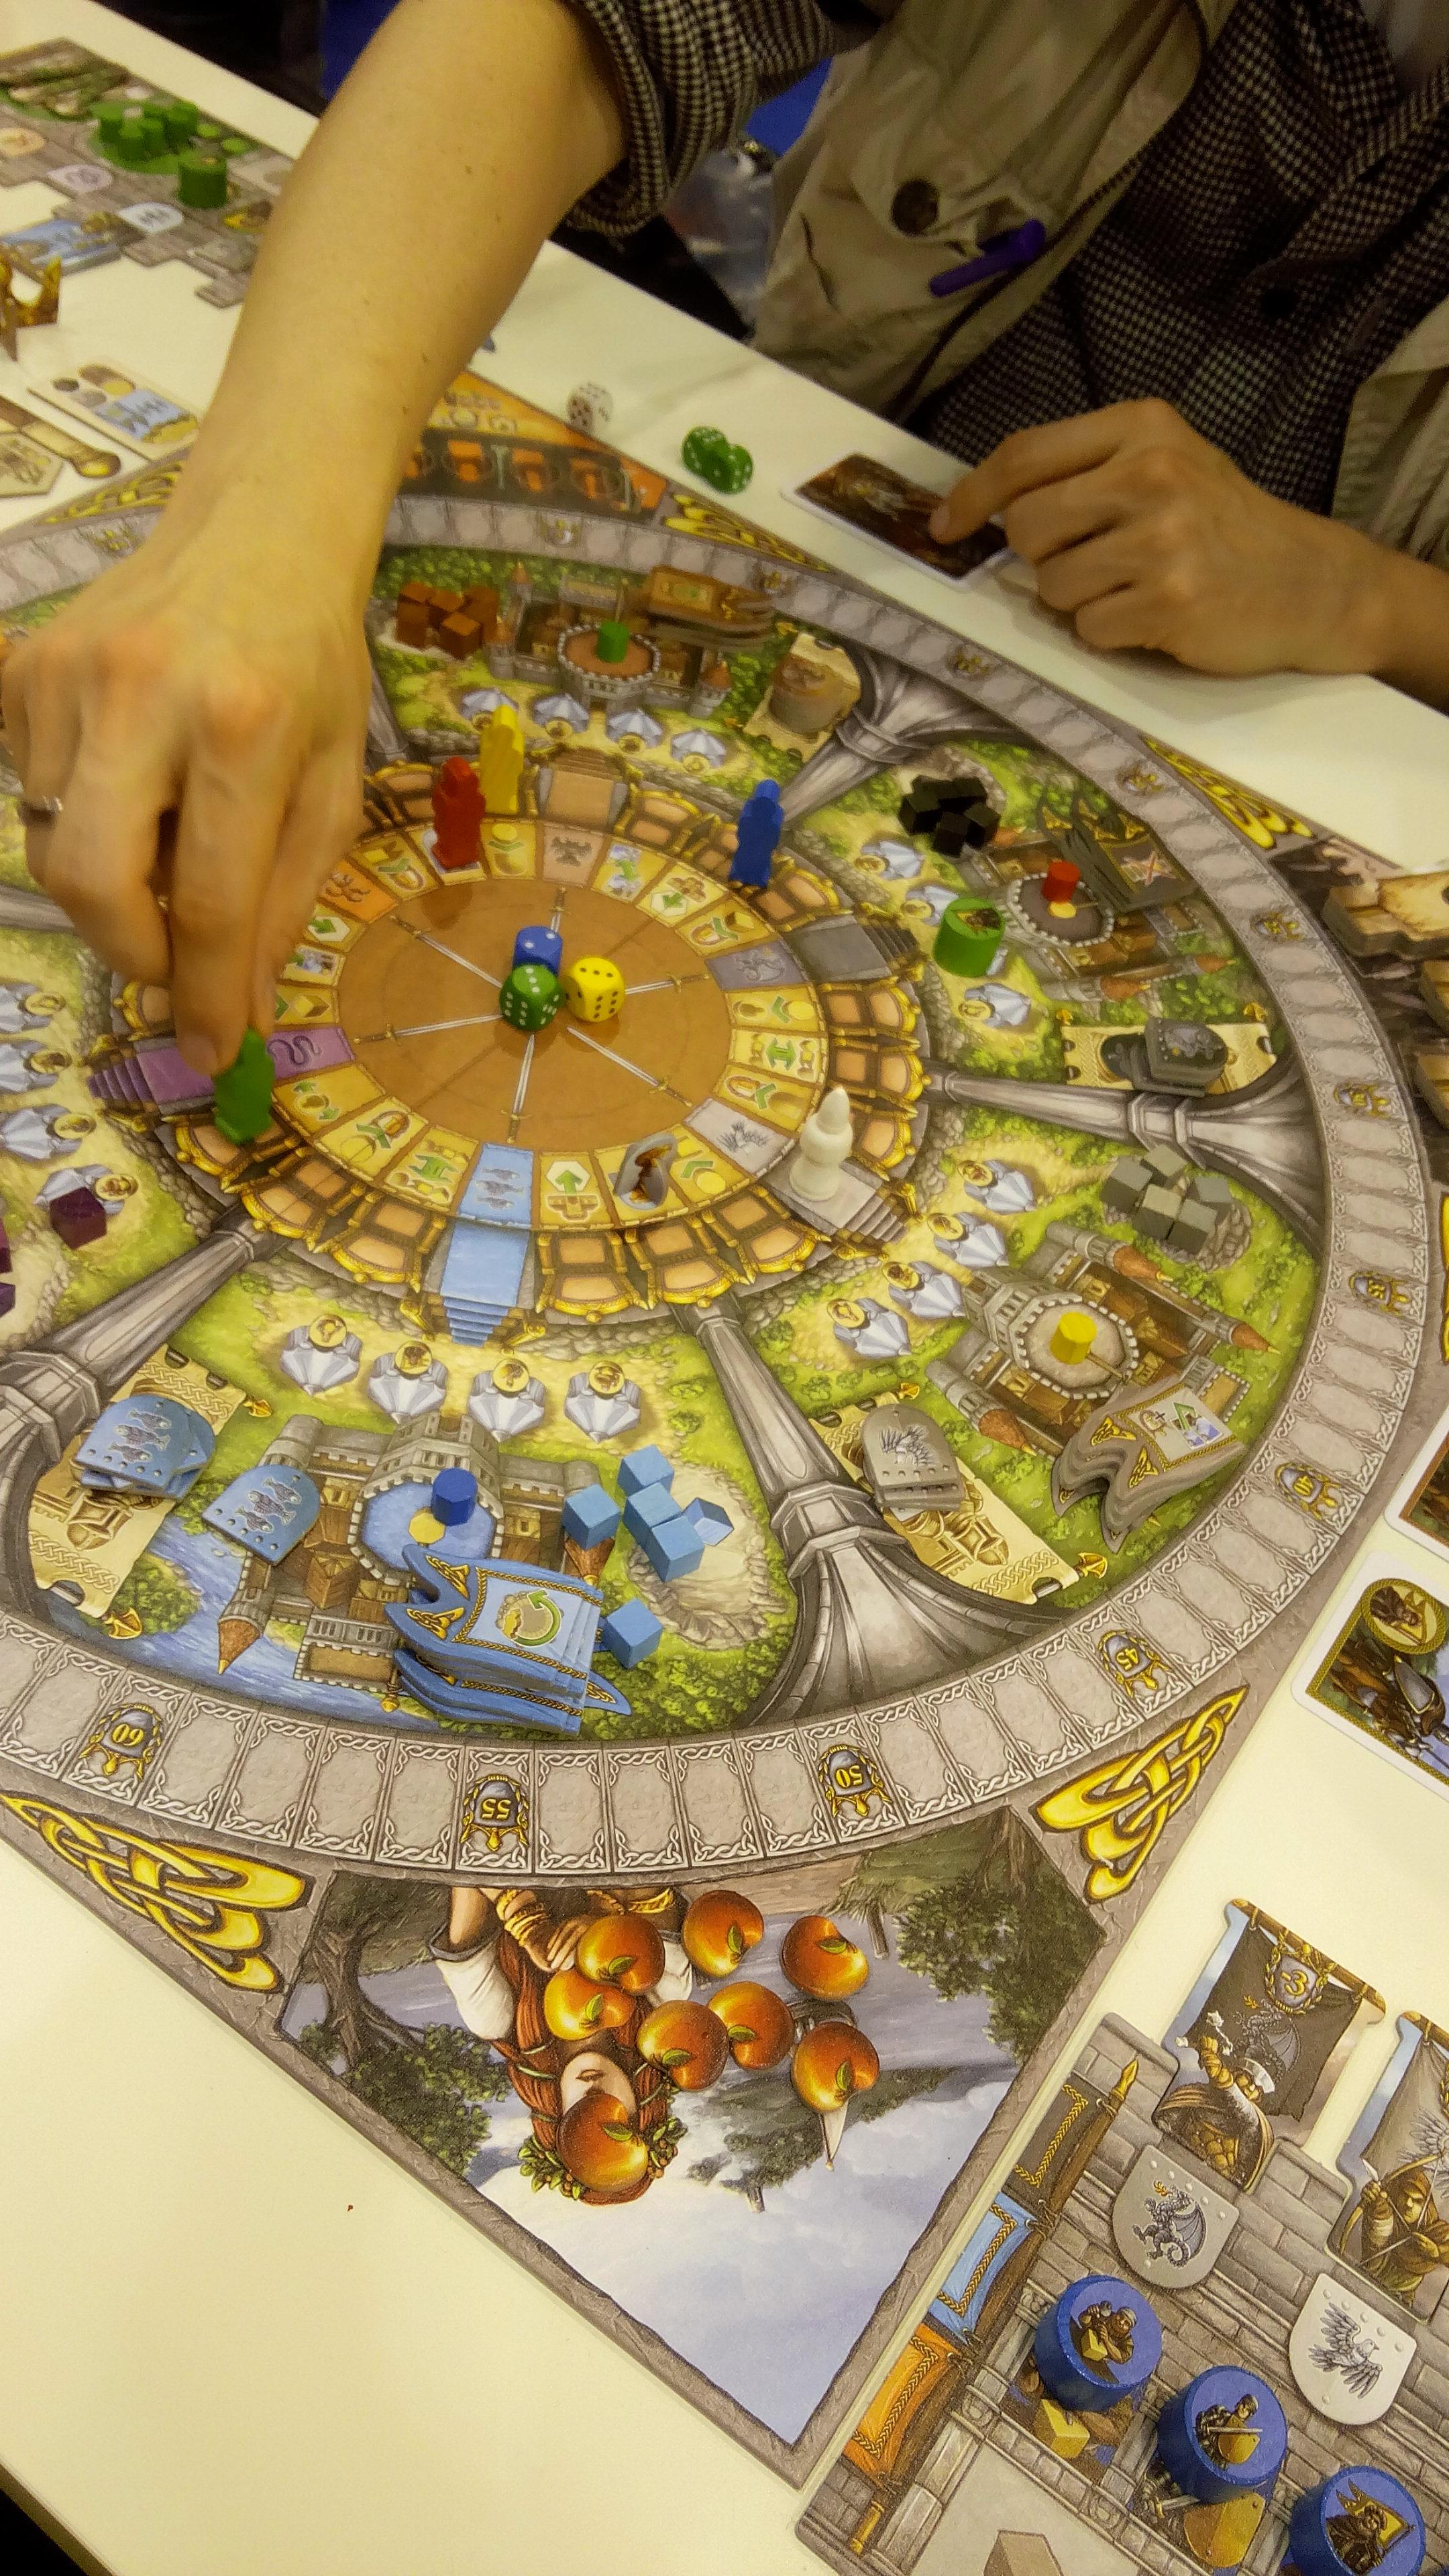 Merlin auf der Spiel 17 - Foto von Jörn Frenzel